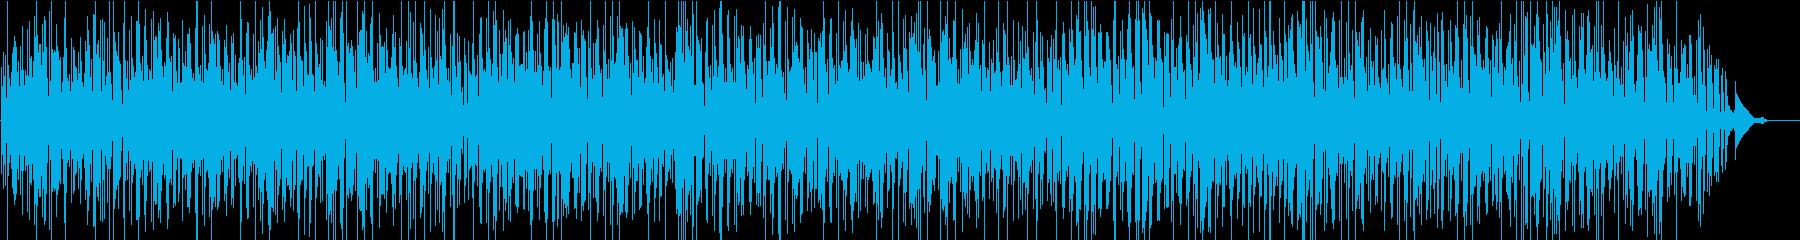 ウッドベースのきいたボサノバの恋ソングの再生済みの波形